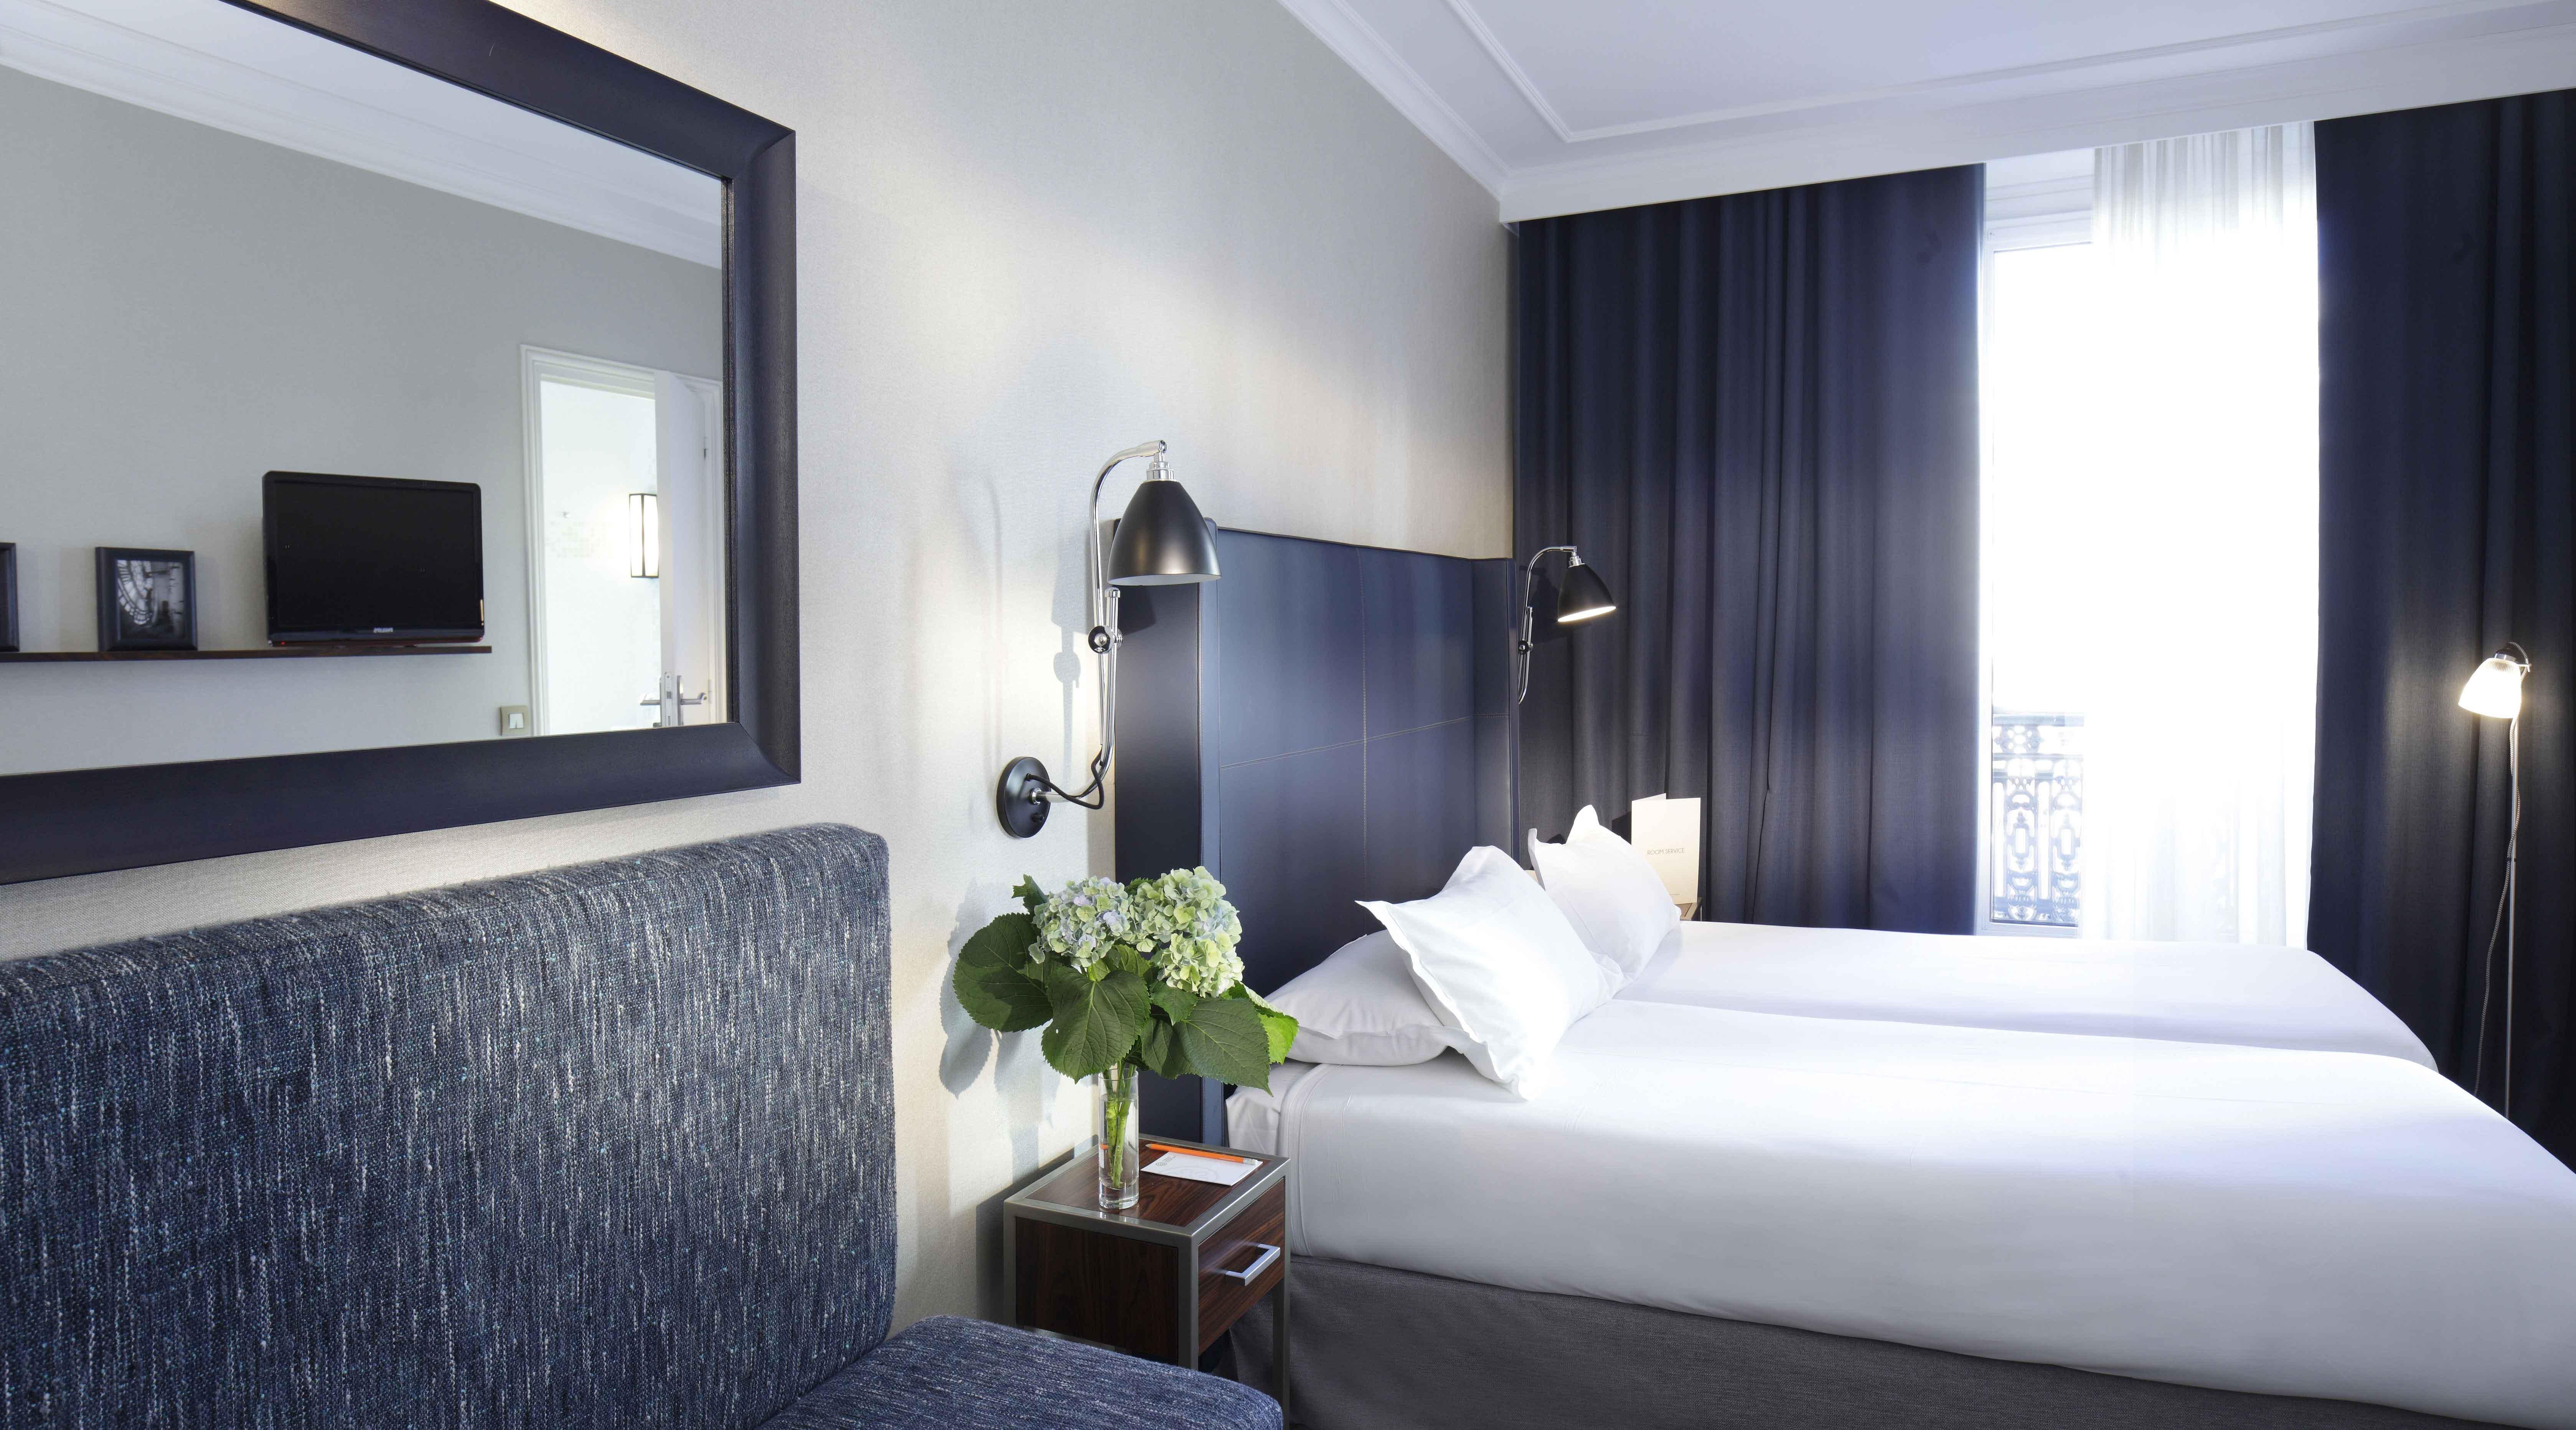 lit double rideau et tête de lit gris